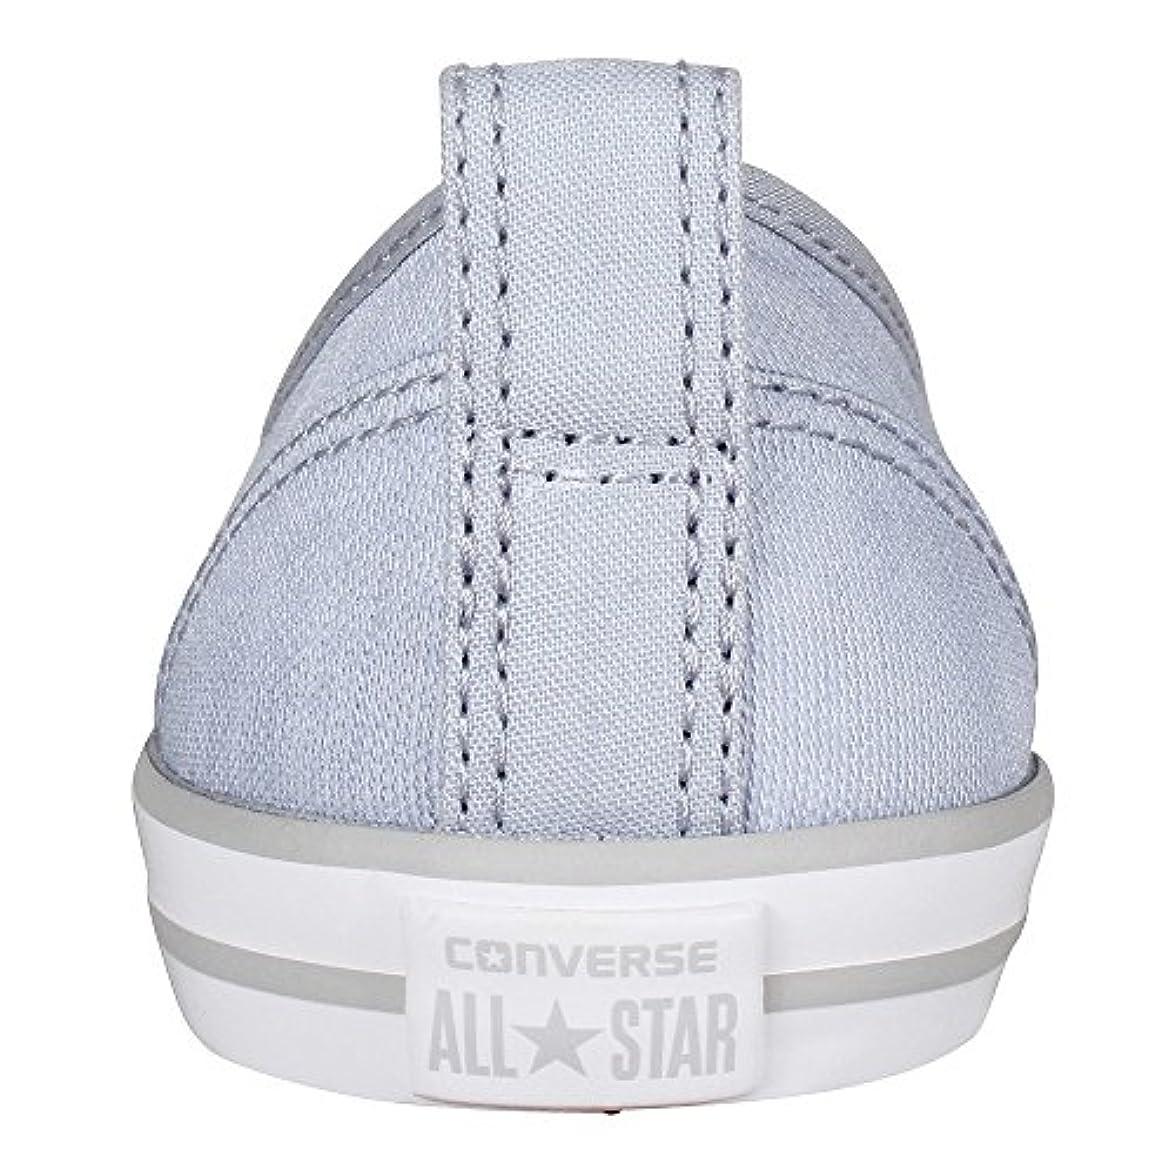 Converse Mandrini Ballerina 551656c Grigio Dainty All Star Ballet Lace Mouse Bianco Nero